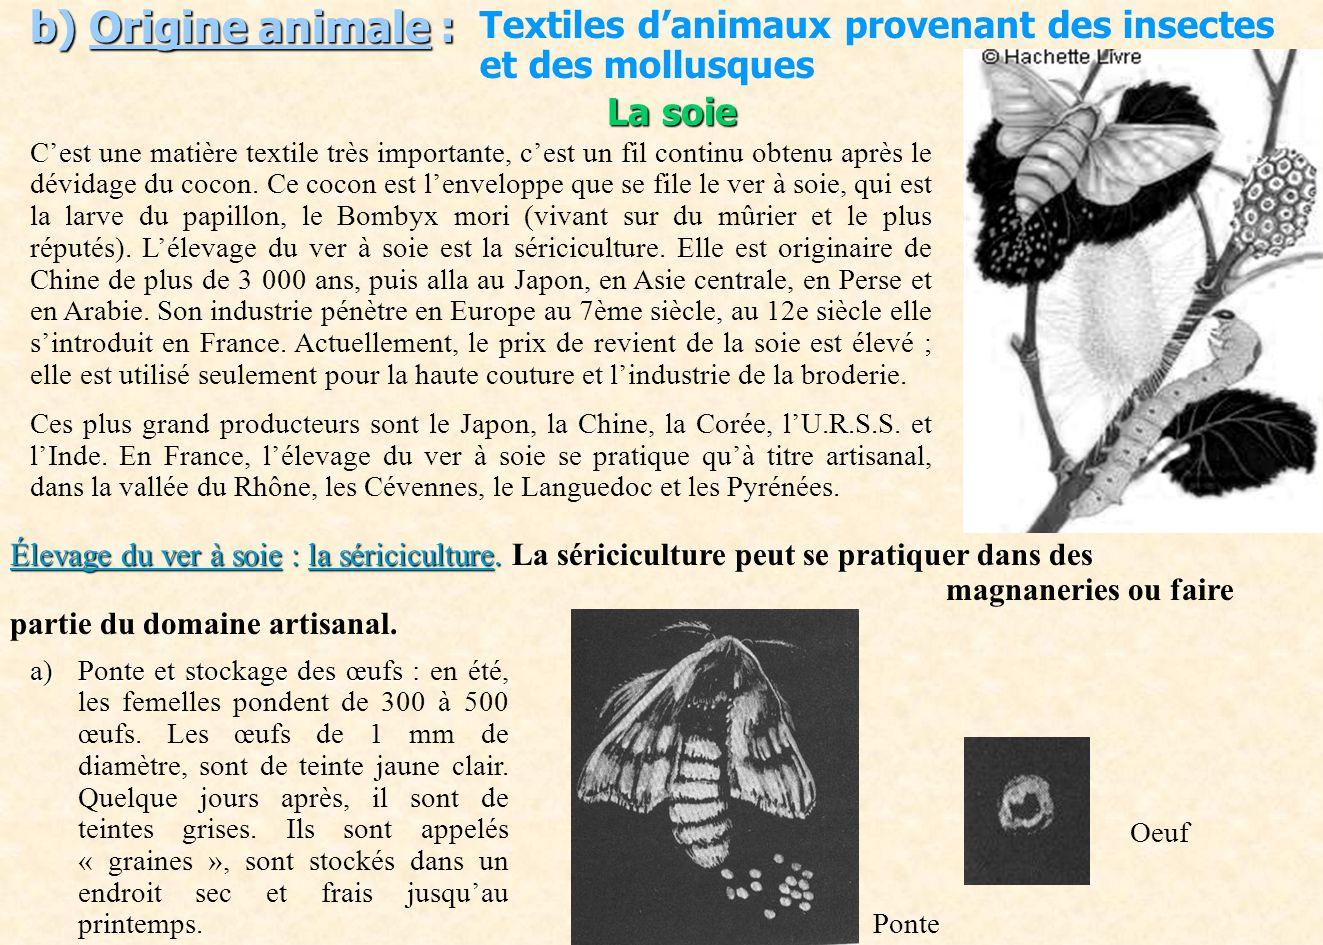 b) Origine animale : Textiles danimaux provenant des insectes et des mollusques La soie Cest une matière textile très importante, cest un fil continu